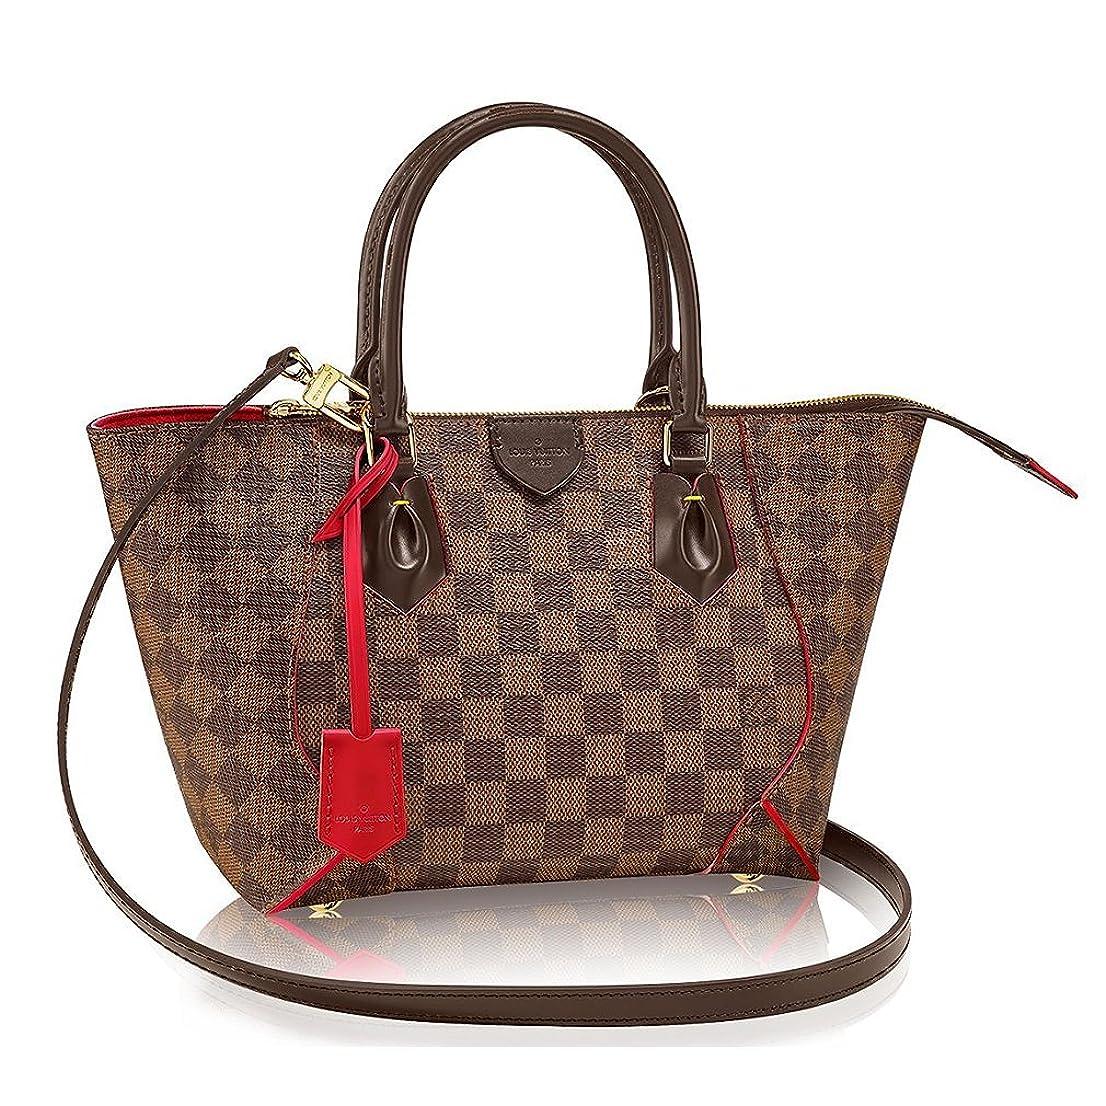 センサー不道徳感じるAuthentic Louis Vuitton Damier CaissaトートPMハンドバッグArticle : n41551チェリーMade in France